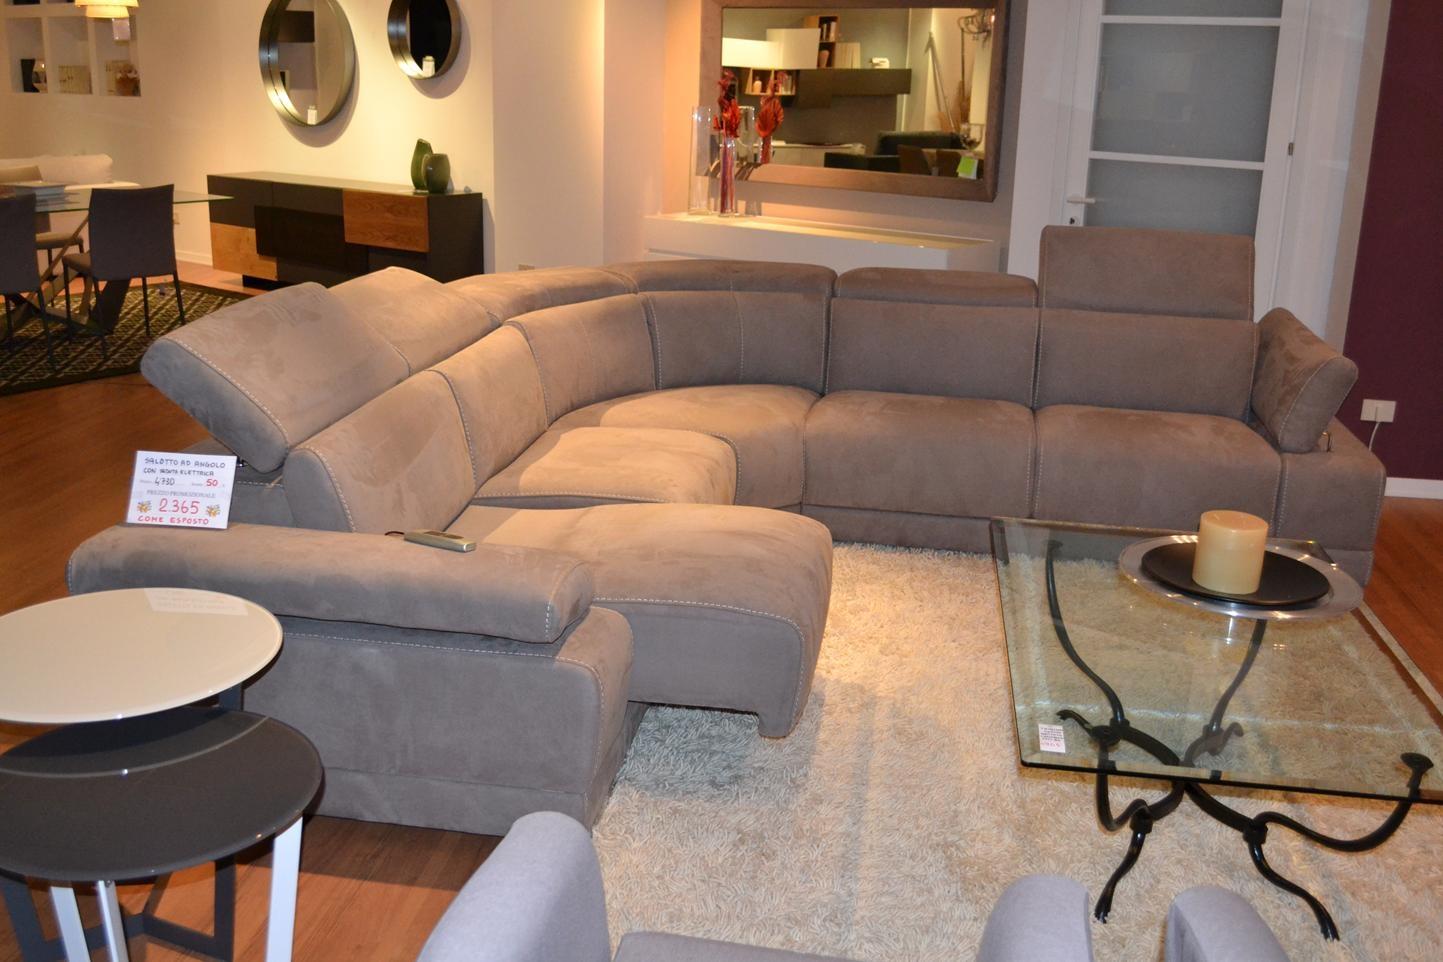 Divano angolo con relax elettrico divani a prezzi scontati for Divani e divani angolari prezzi